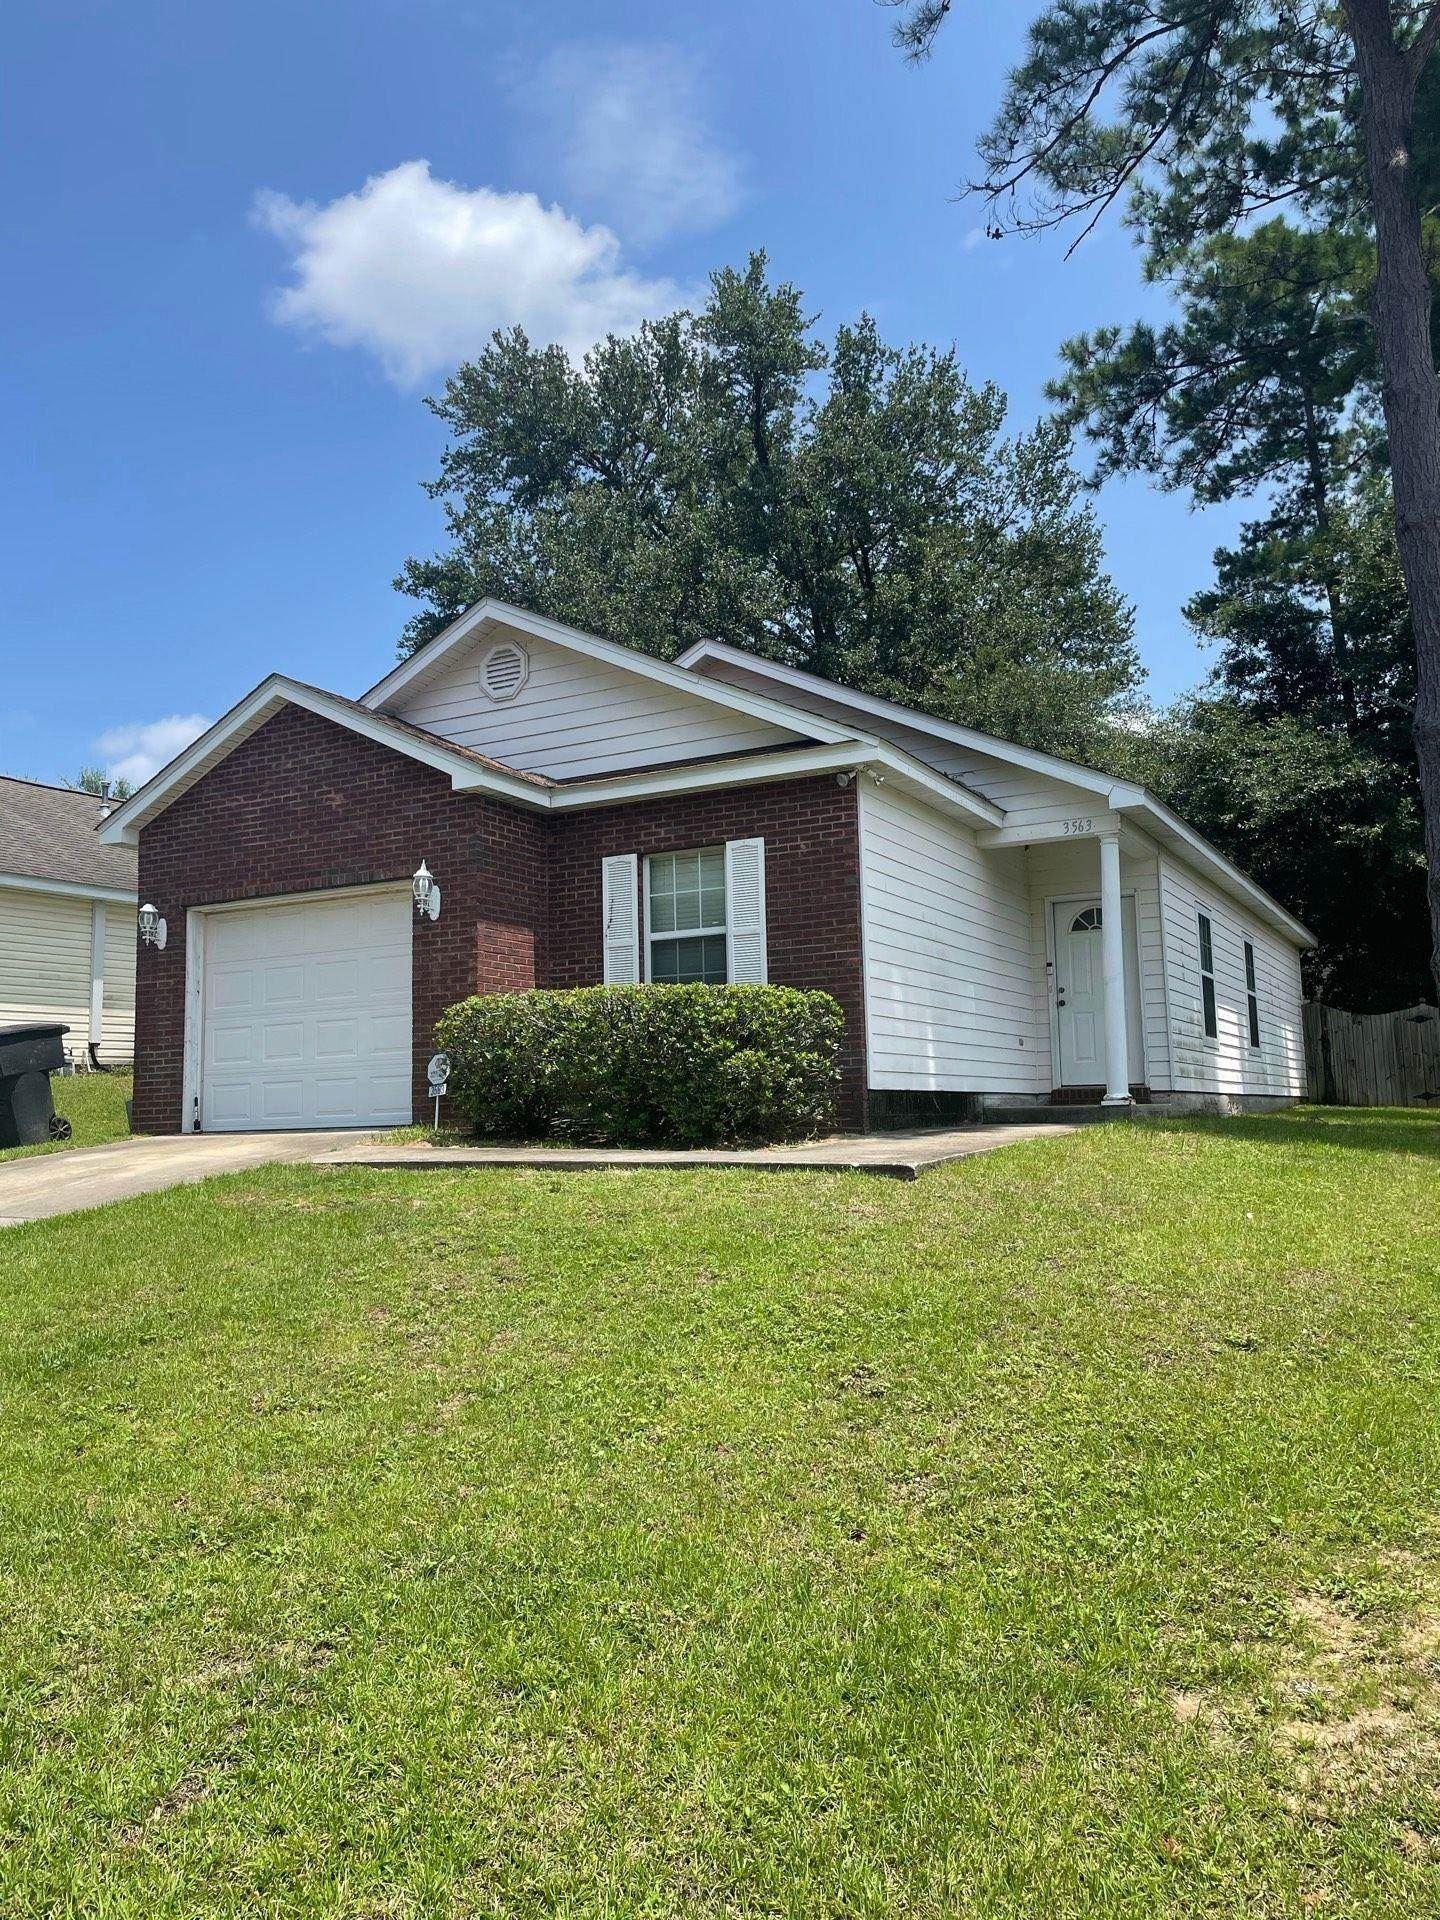 3563 Clear Creek Drive, Tallahassee, FL 32301 - MLS#: 336521